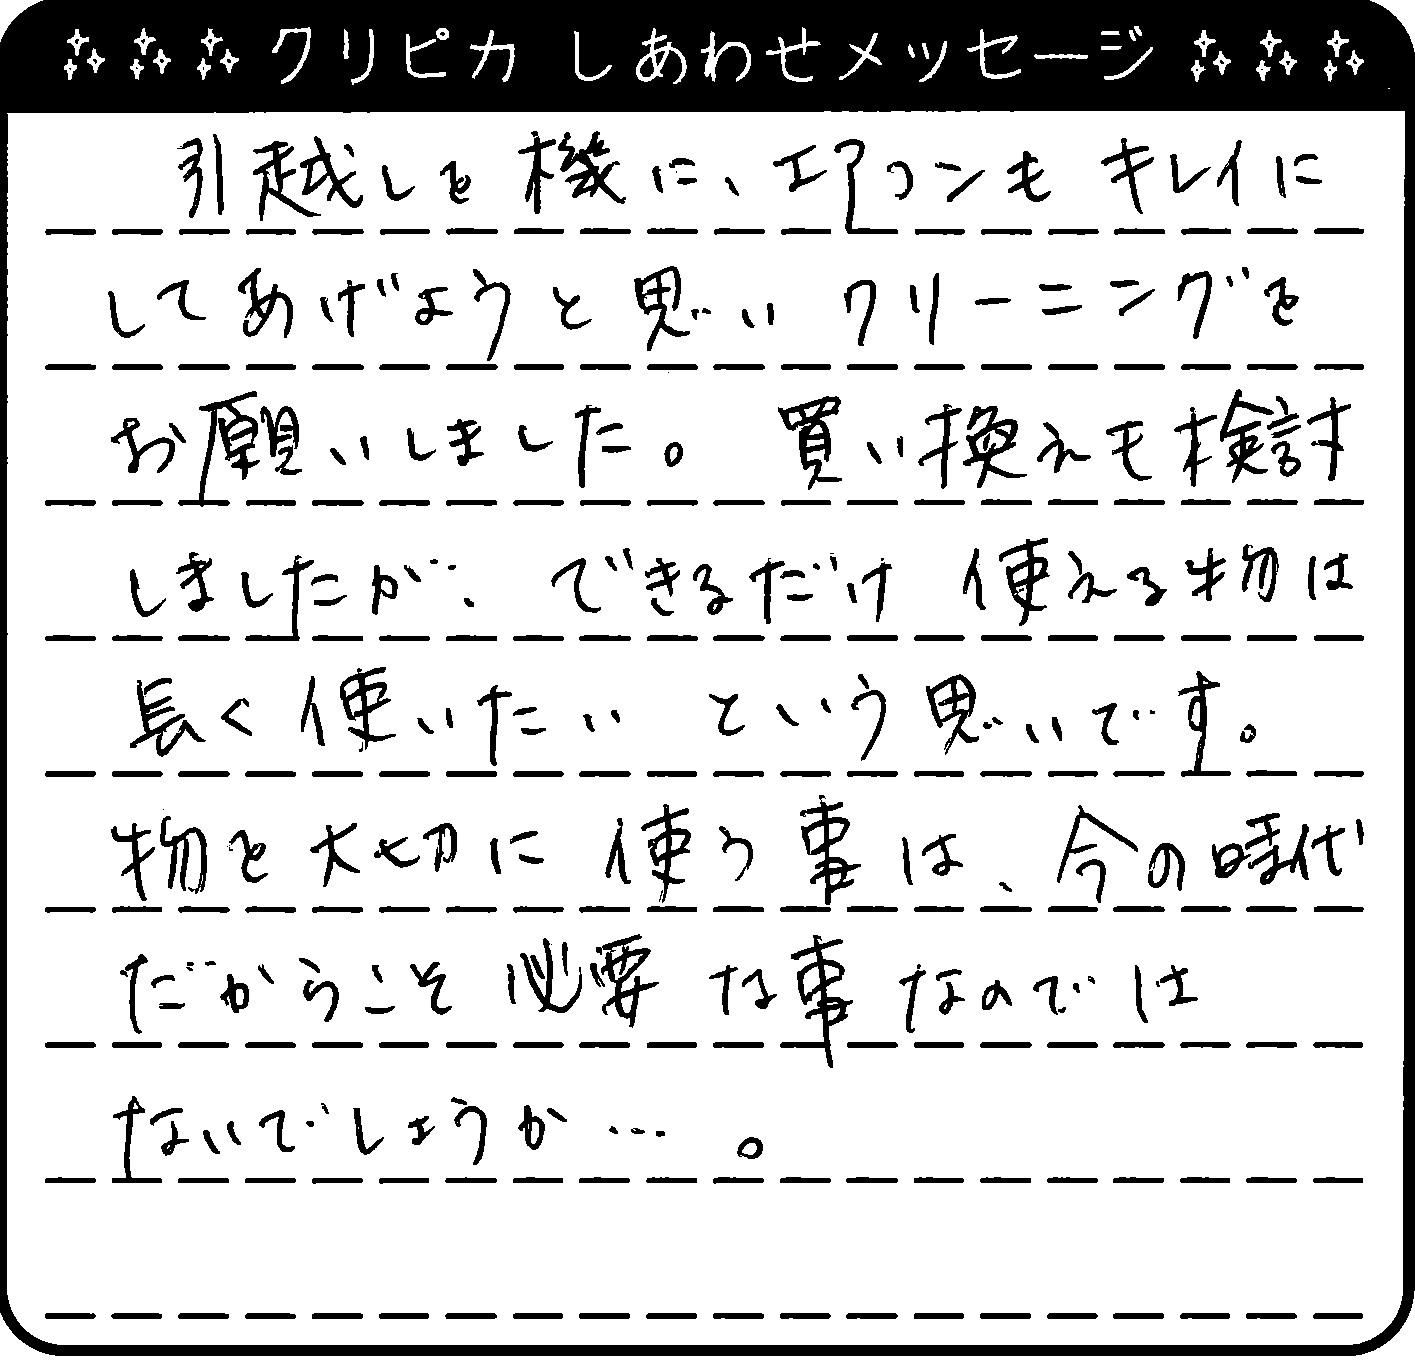 島根県 I様からのしあわせメッセージ